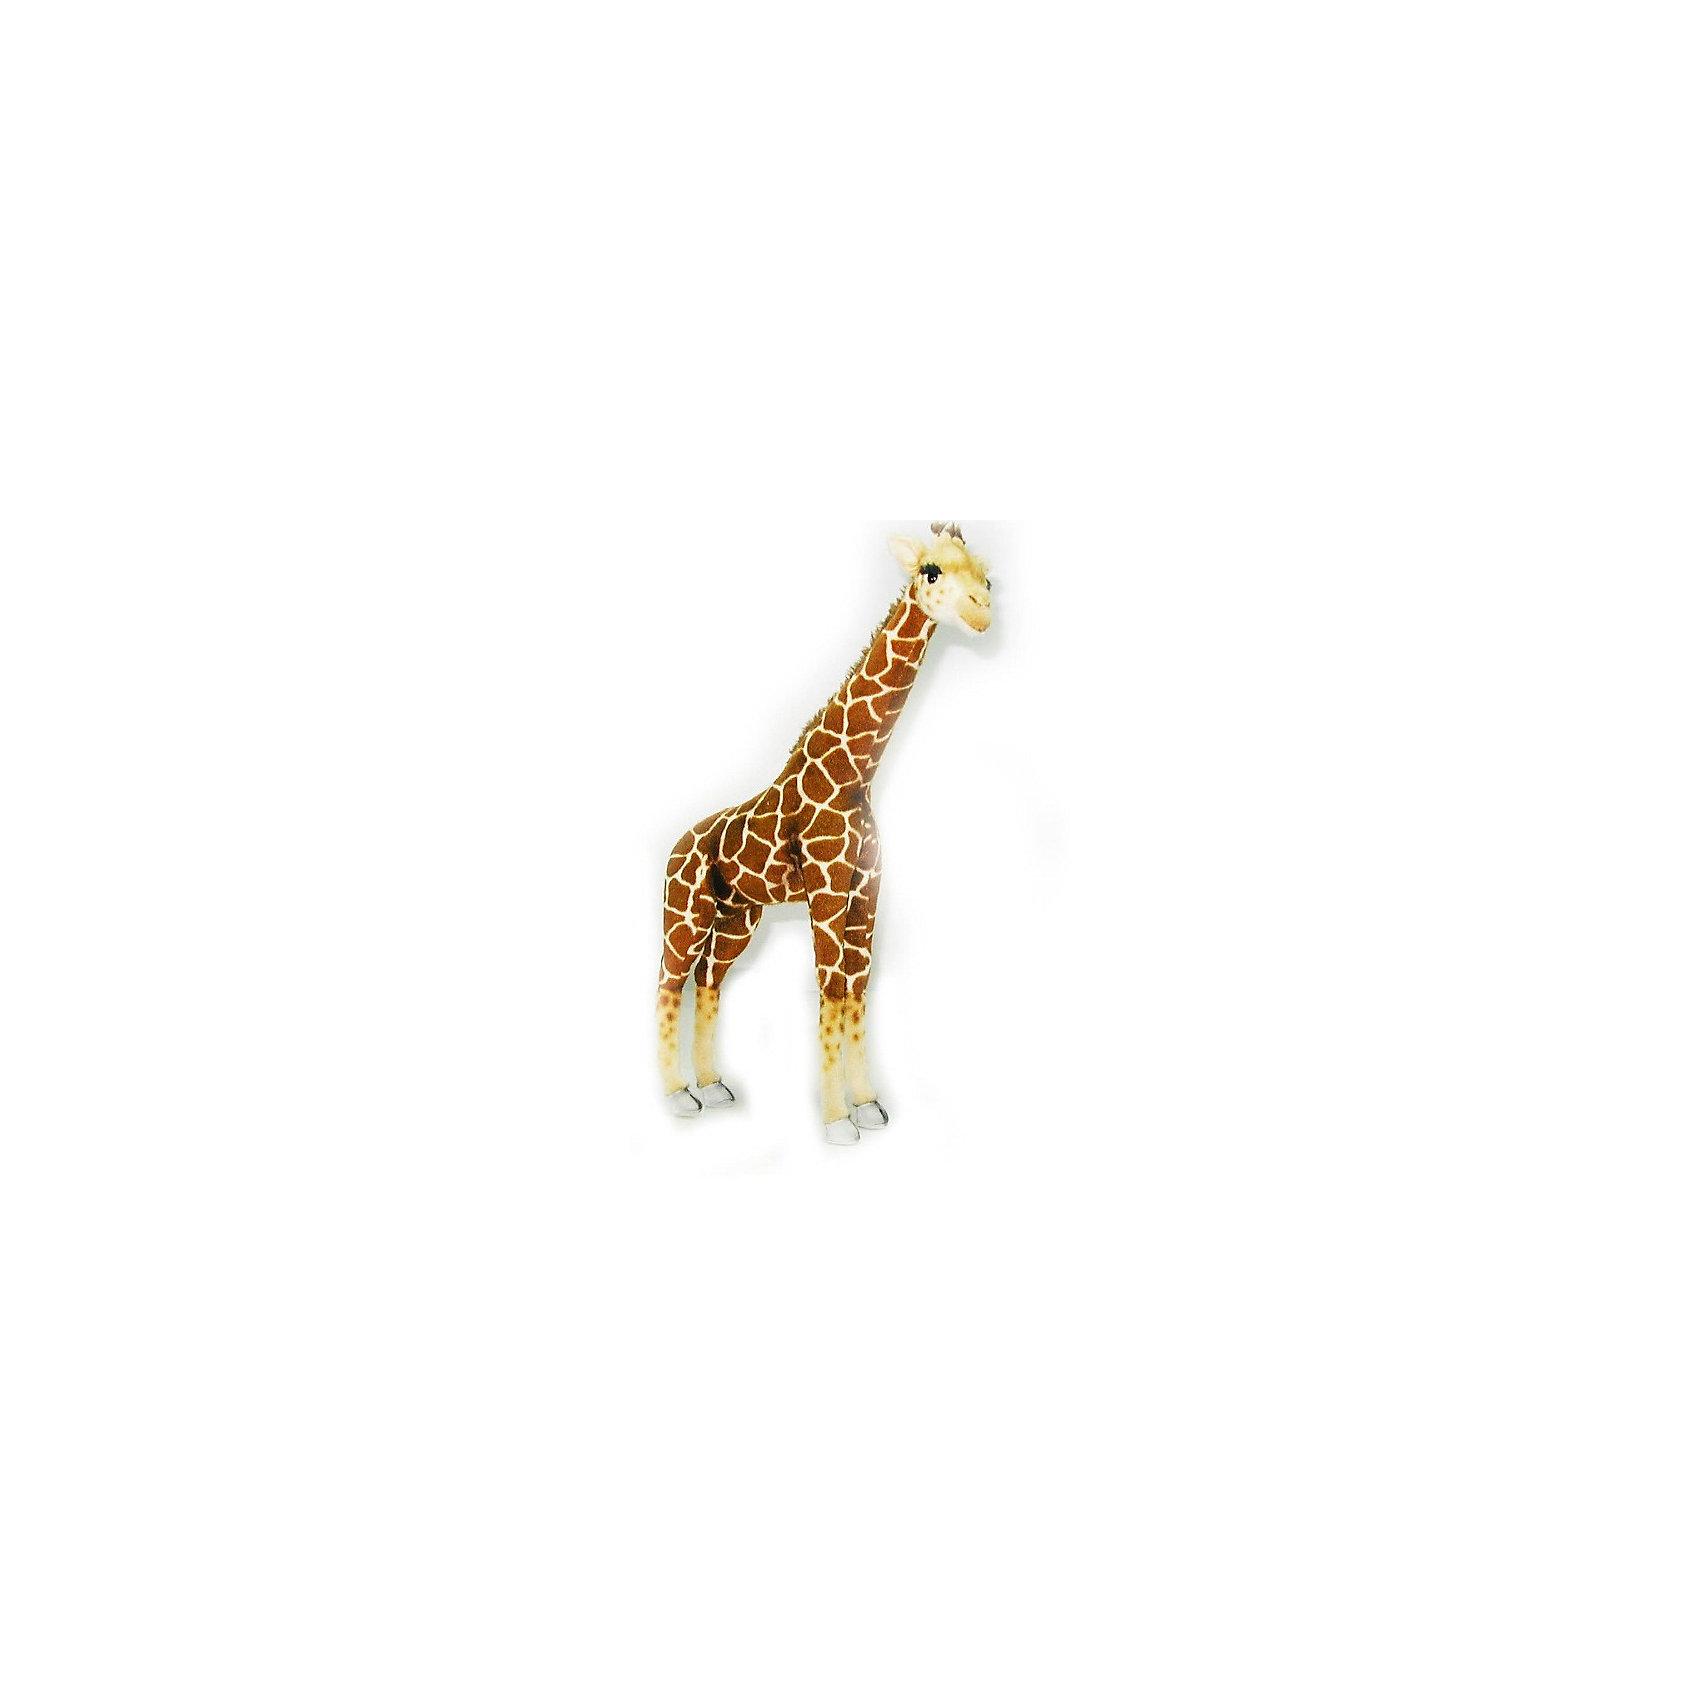 Мягкая игрушка Жираф, 64 смМягкие игрушки животные<br>Характеристики товара:<br><br>• возраст: от 3 лет;<br>• материал: искусственный мех;<br>• высота игрушки: 64 см;<br>• размер упаковки: 64х43х14 см;<br>• вес упаковки: 540 гр.;<br>• страна производитель: Филиппины.<br><br>Мягкая игрушка Жираф Hansa 64 см — очаровательный пятнистый жирафик, который станет для ребенка любимым домашним питомцем. Игрушку можно брать с собой на прогулку, в детский садик, в гости и устраивать вместе с друзьями веселые игры. <br><br>Внутри проходит титановый каркас, который позволяет менять положение лап, туловища, поворачивать голову. Игрушка сделана из качественных безопасных материалов.<br><br>Мягкую игрушку Жираф Hansa 64 см можно приобрести в нашем интернет-магазине.<br><br>Ширина мм: 430<br>Глубина мм: 140<br>Высота мм: 640<br>Вес г: 540<br>Возраст от месяцев: 36<br>Возраст до месяцев: 2147483647<br>Пол: Унисекс<br>Возраст: Детский<br>SKU: 6680725